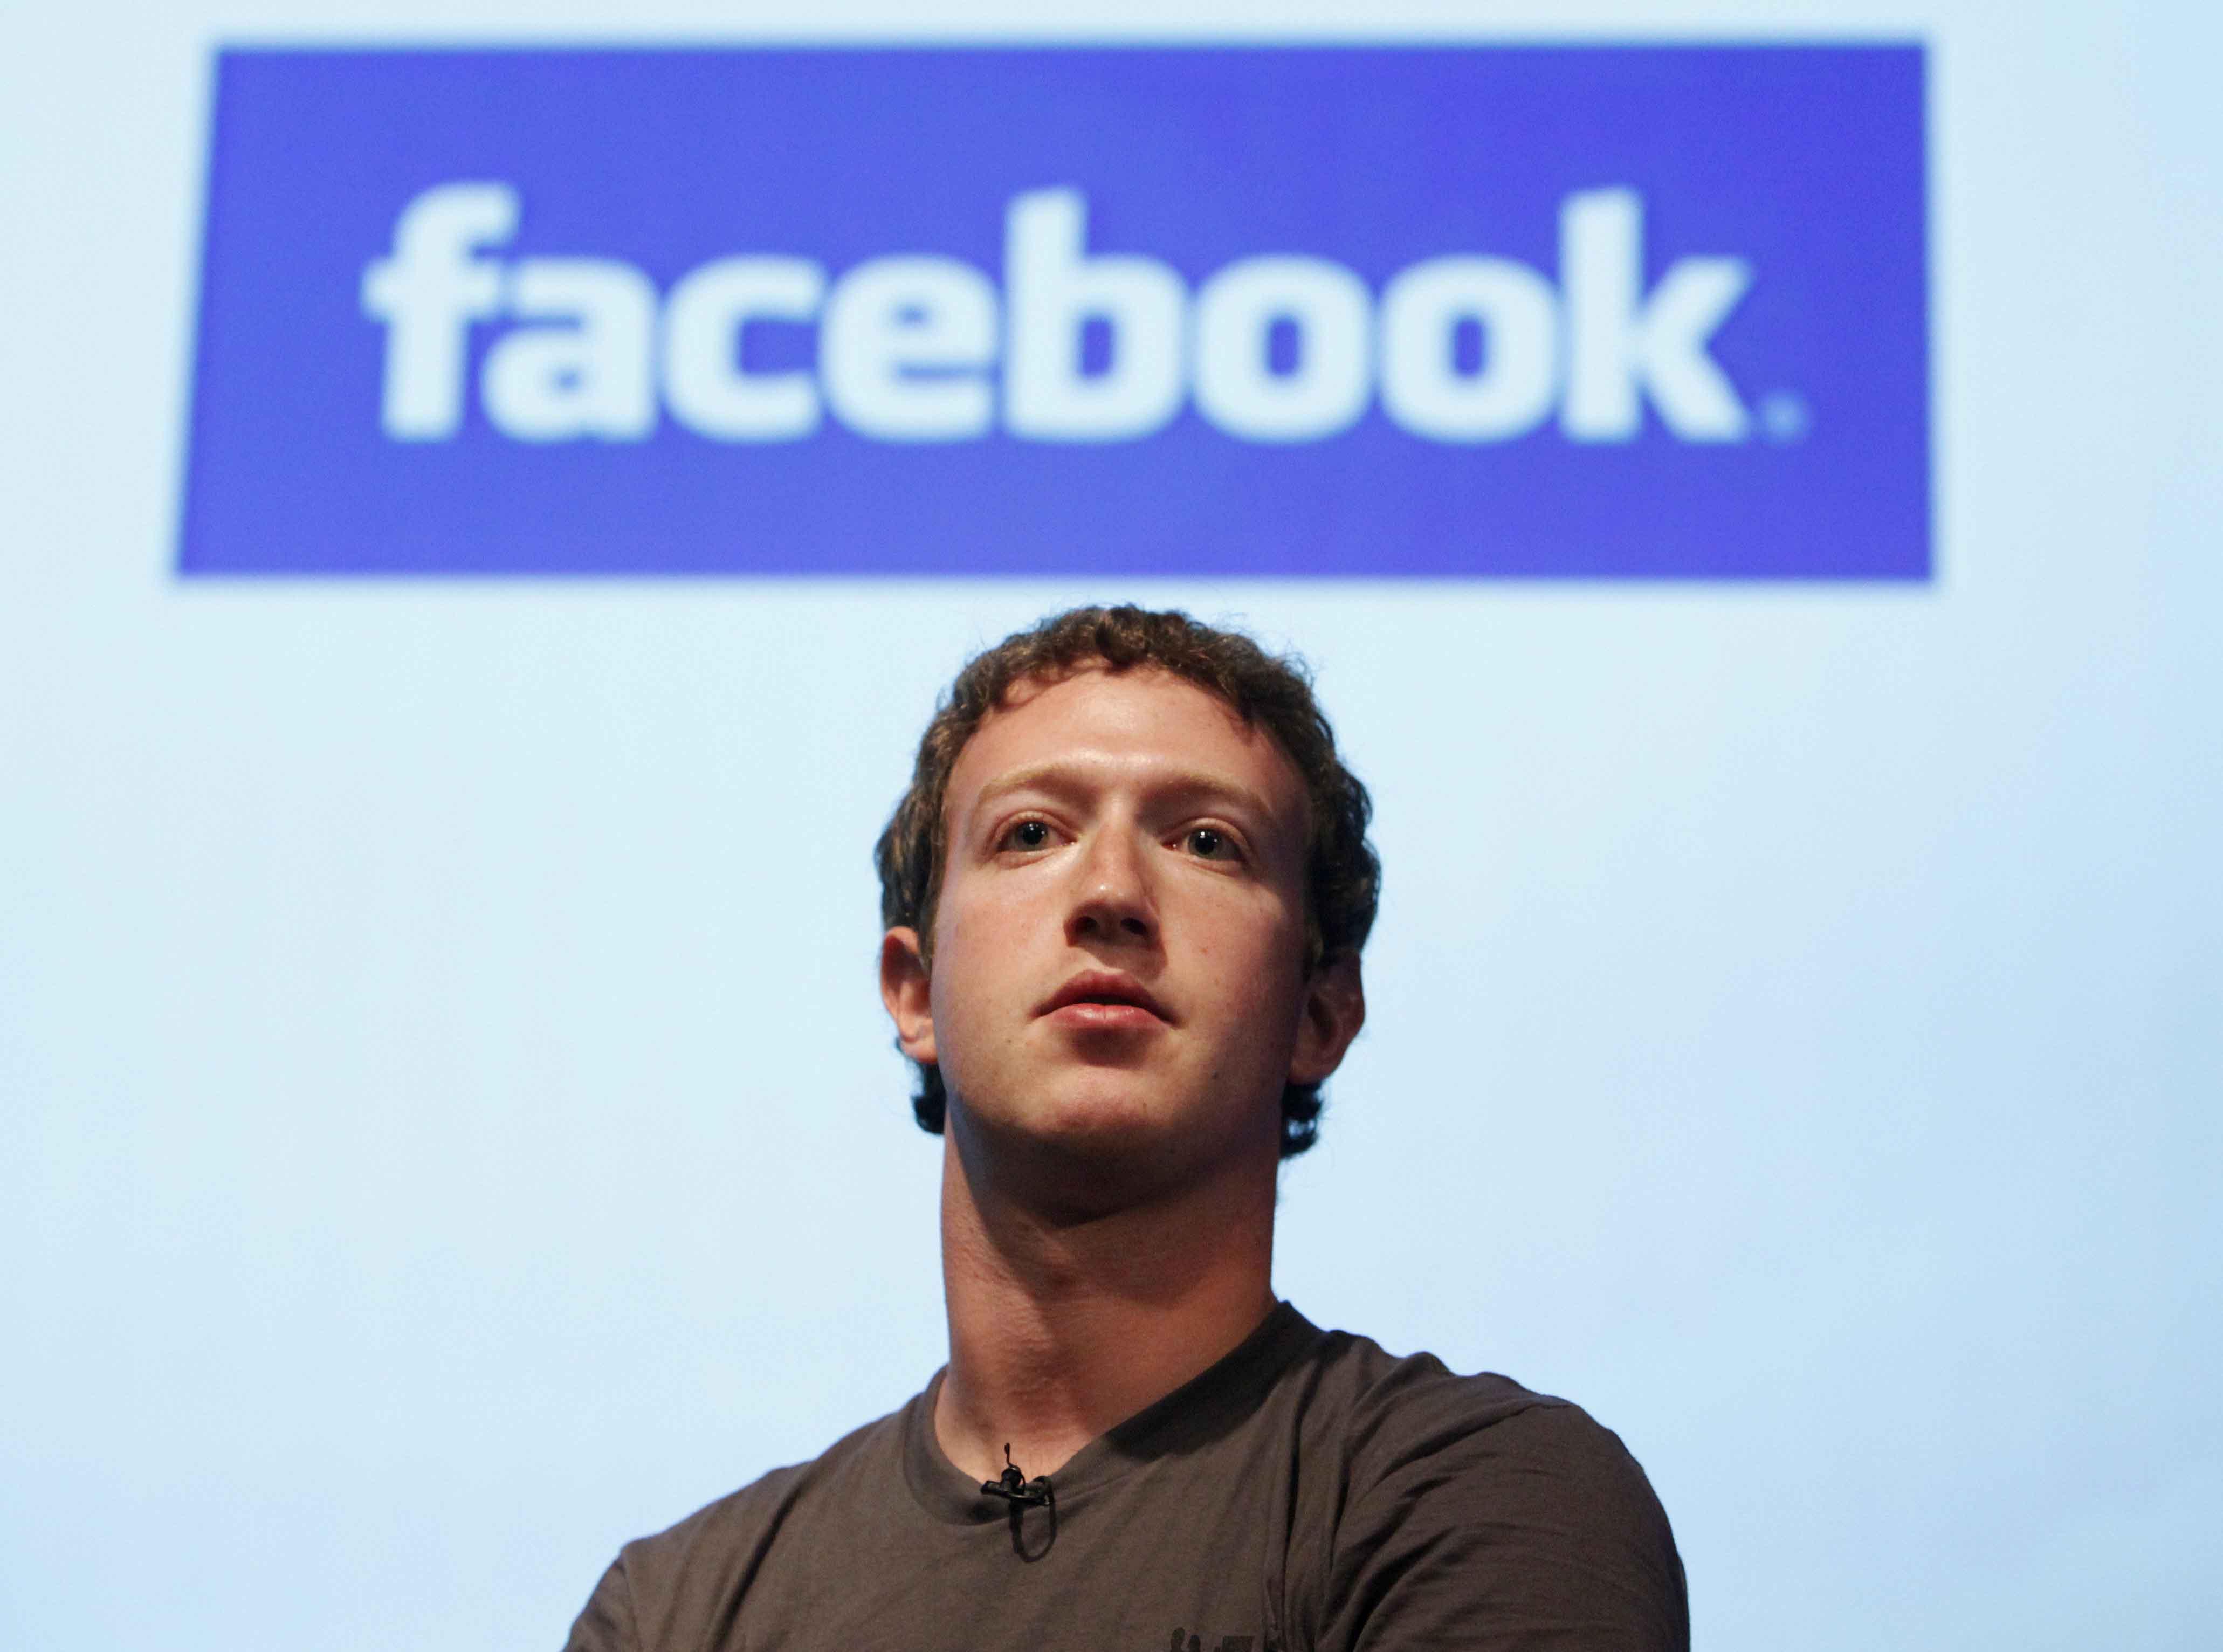 Mark Zuckerberg Facebook Wallpaper Photos 59729 4123x3064px 4123x3064